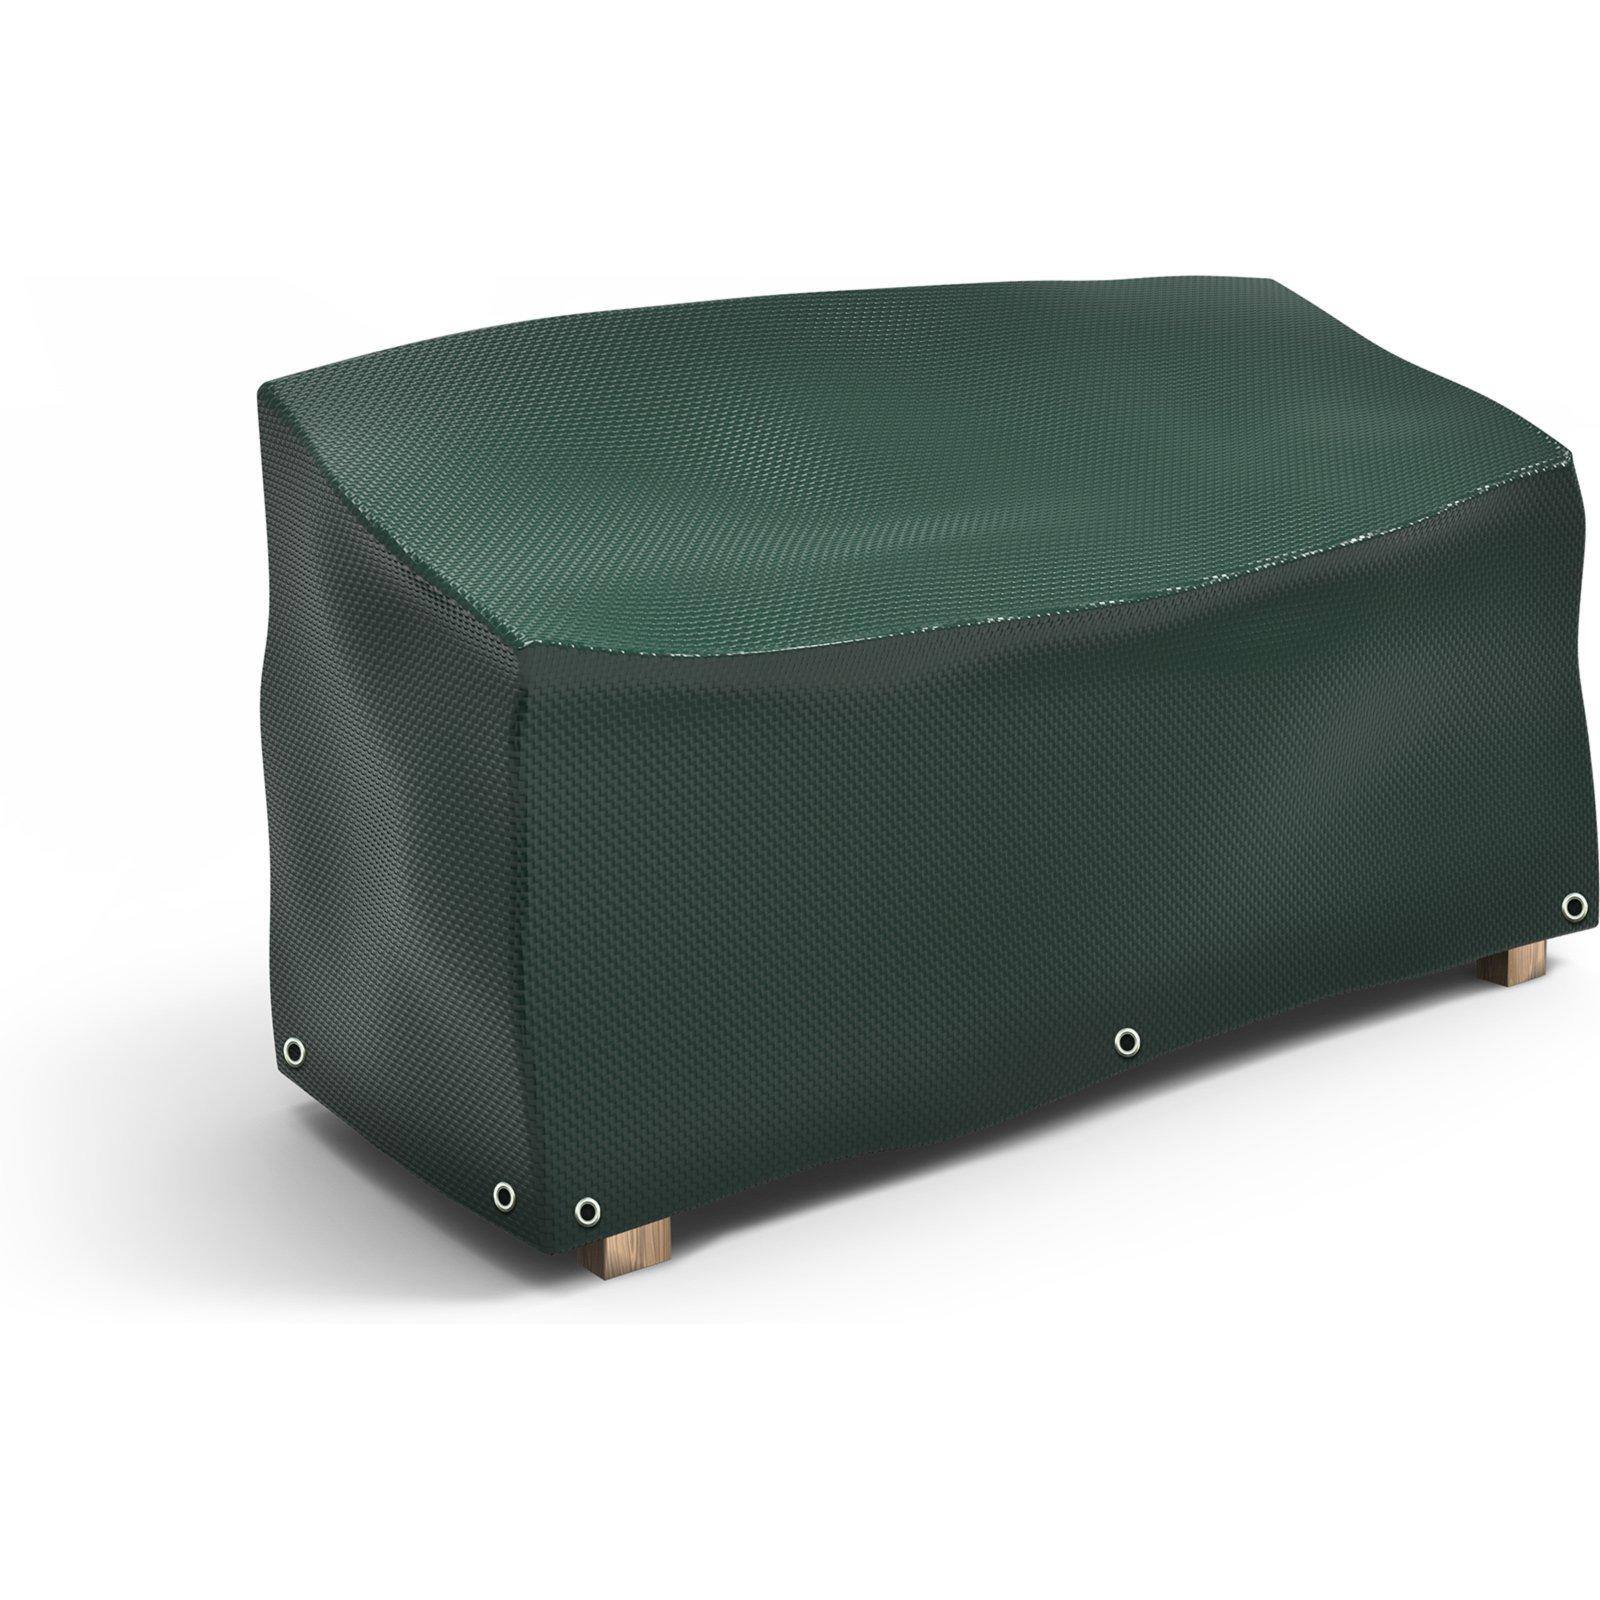 schutzh lle f r gartenbank gr n 160x75x78 cm schutzh llen gartenm bel wohnbereiche. Black Bedroom Furniture Sets. Home Design Ideas